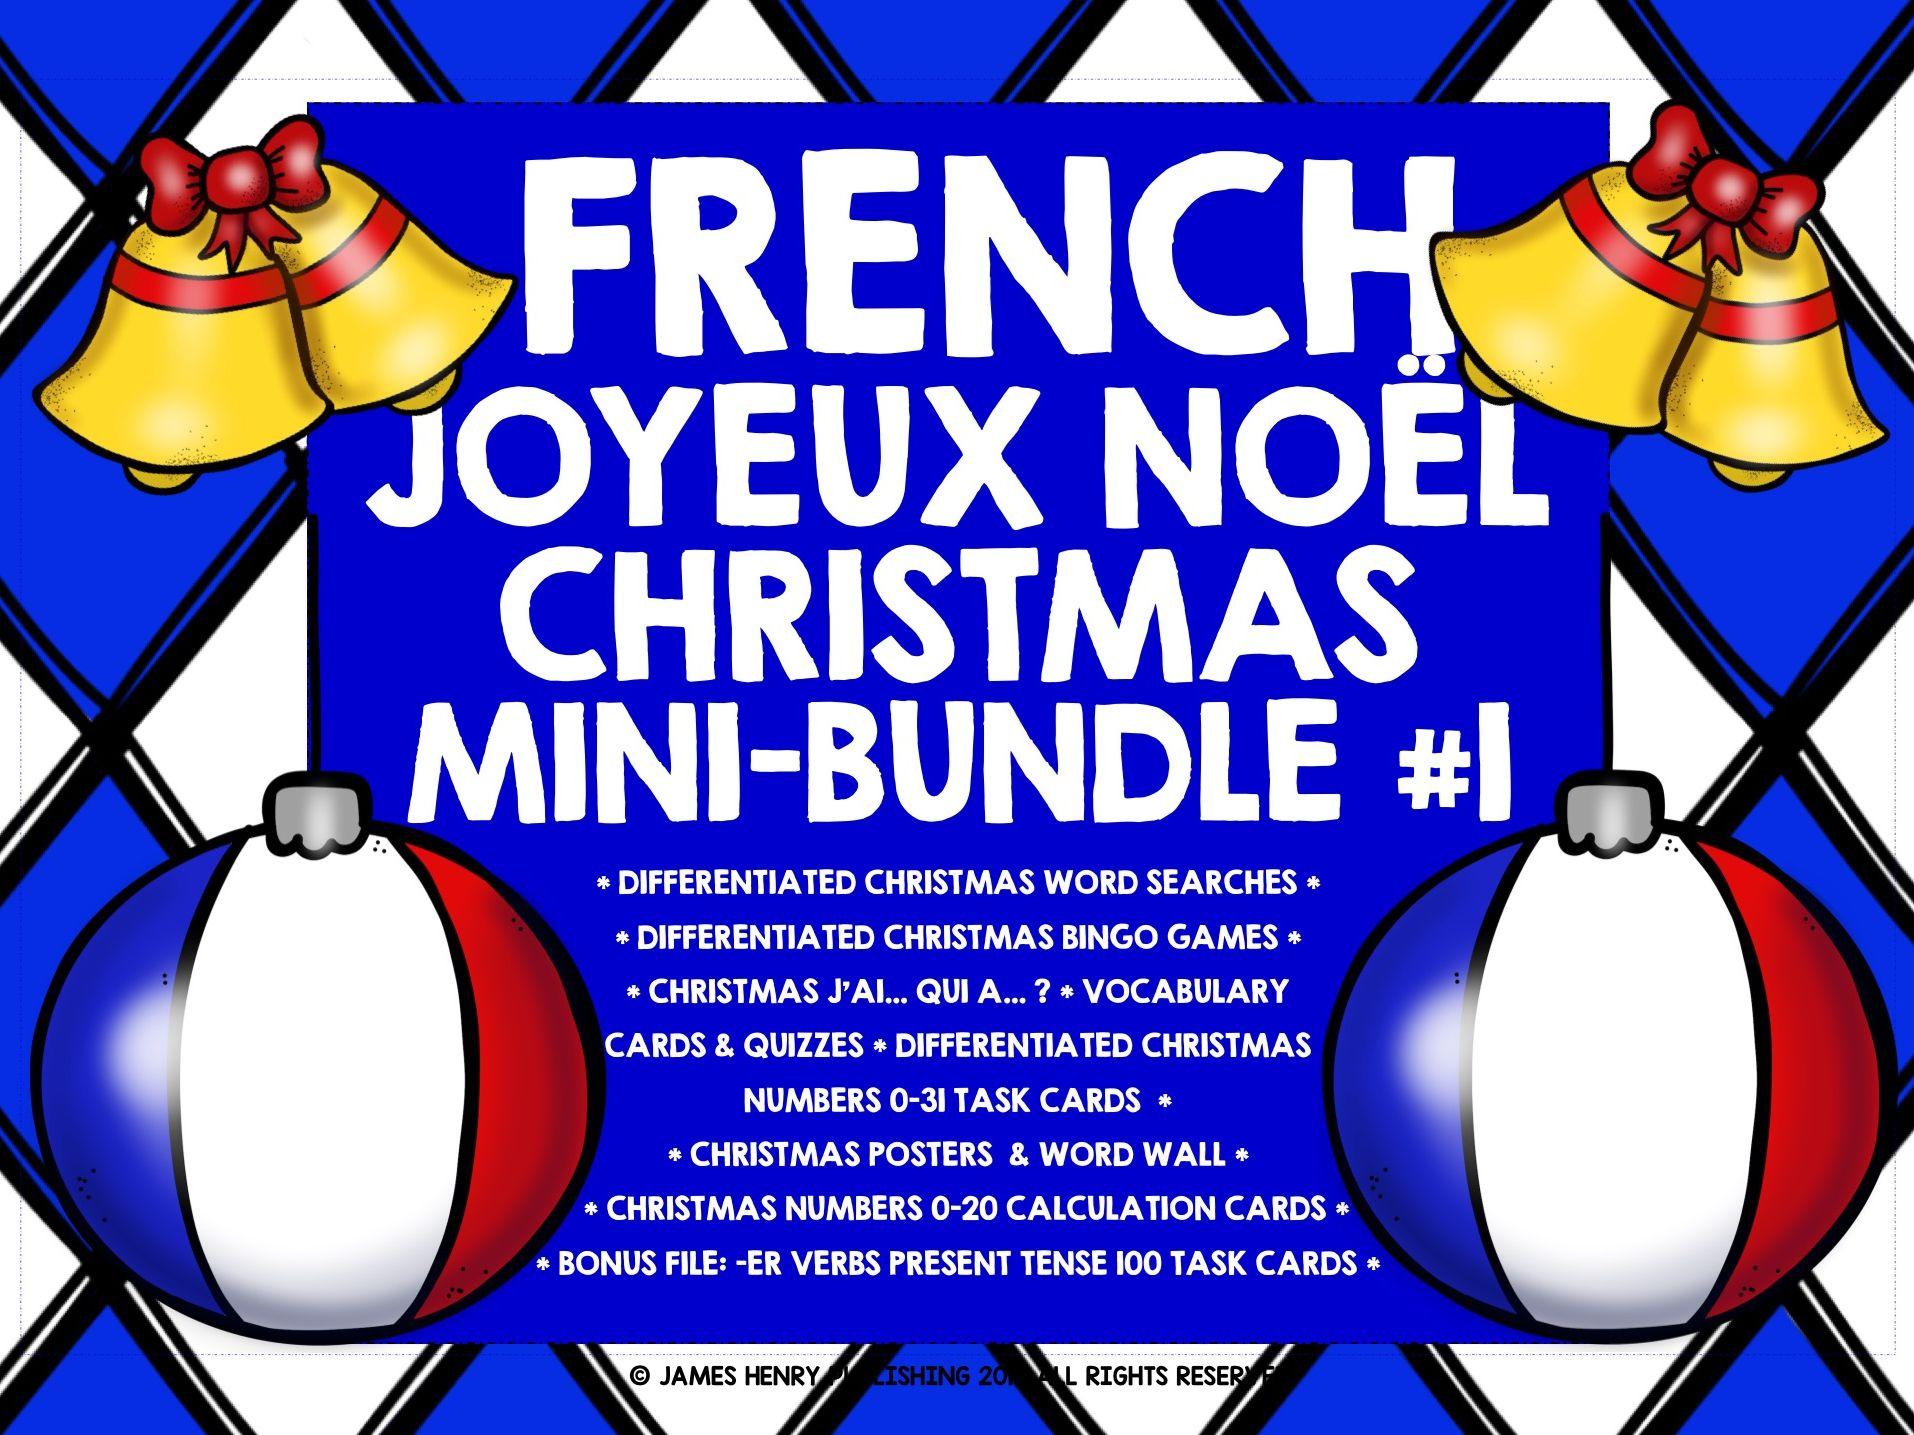 FRENCH CHRISTMAS MINI-BUNDLE #1